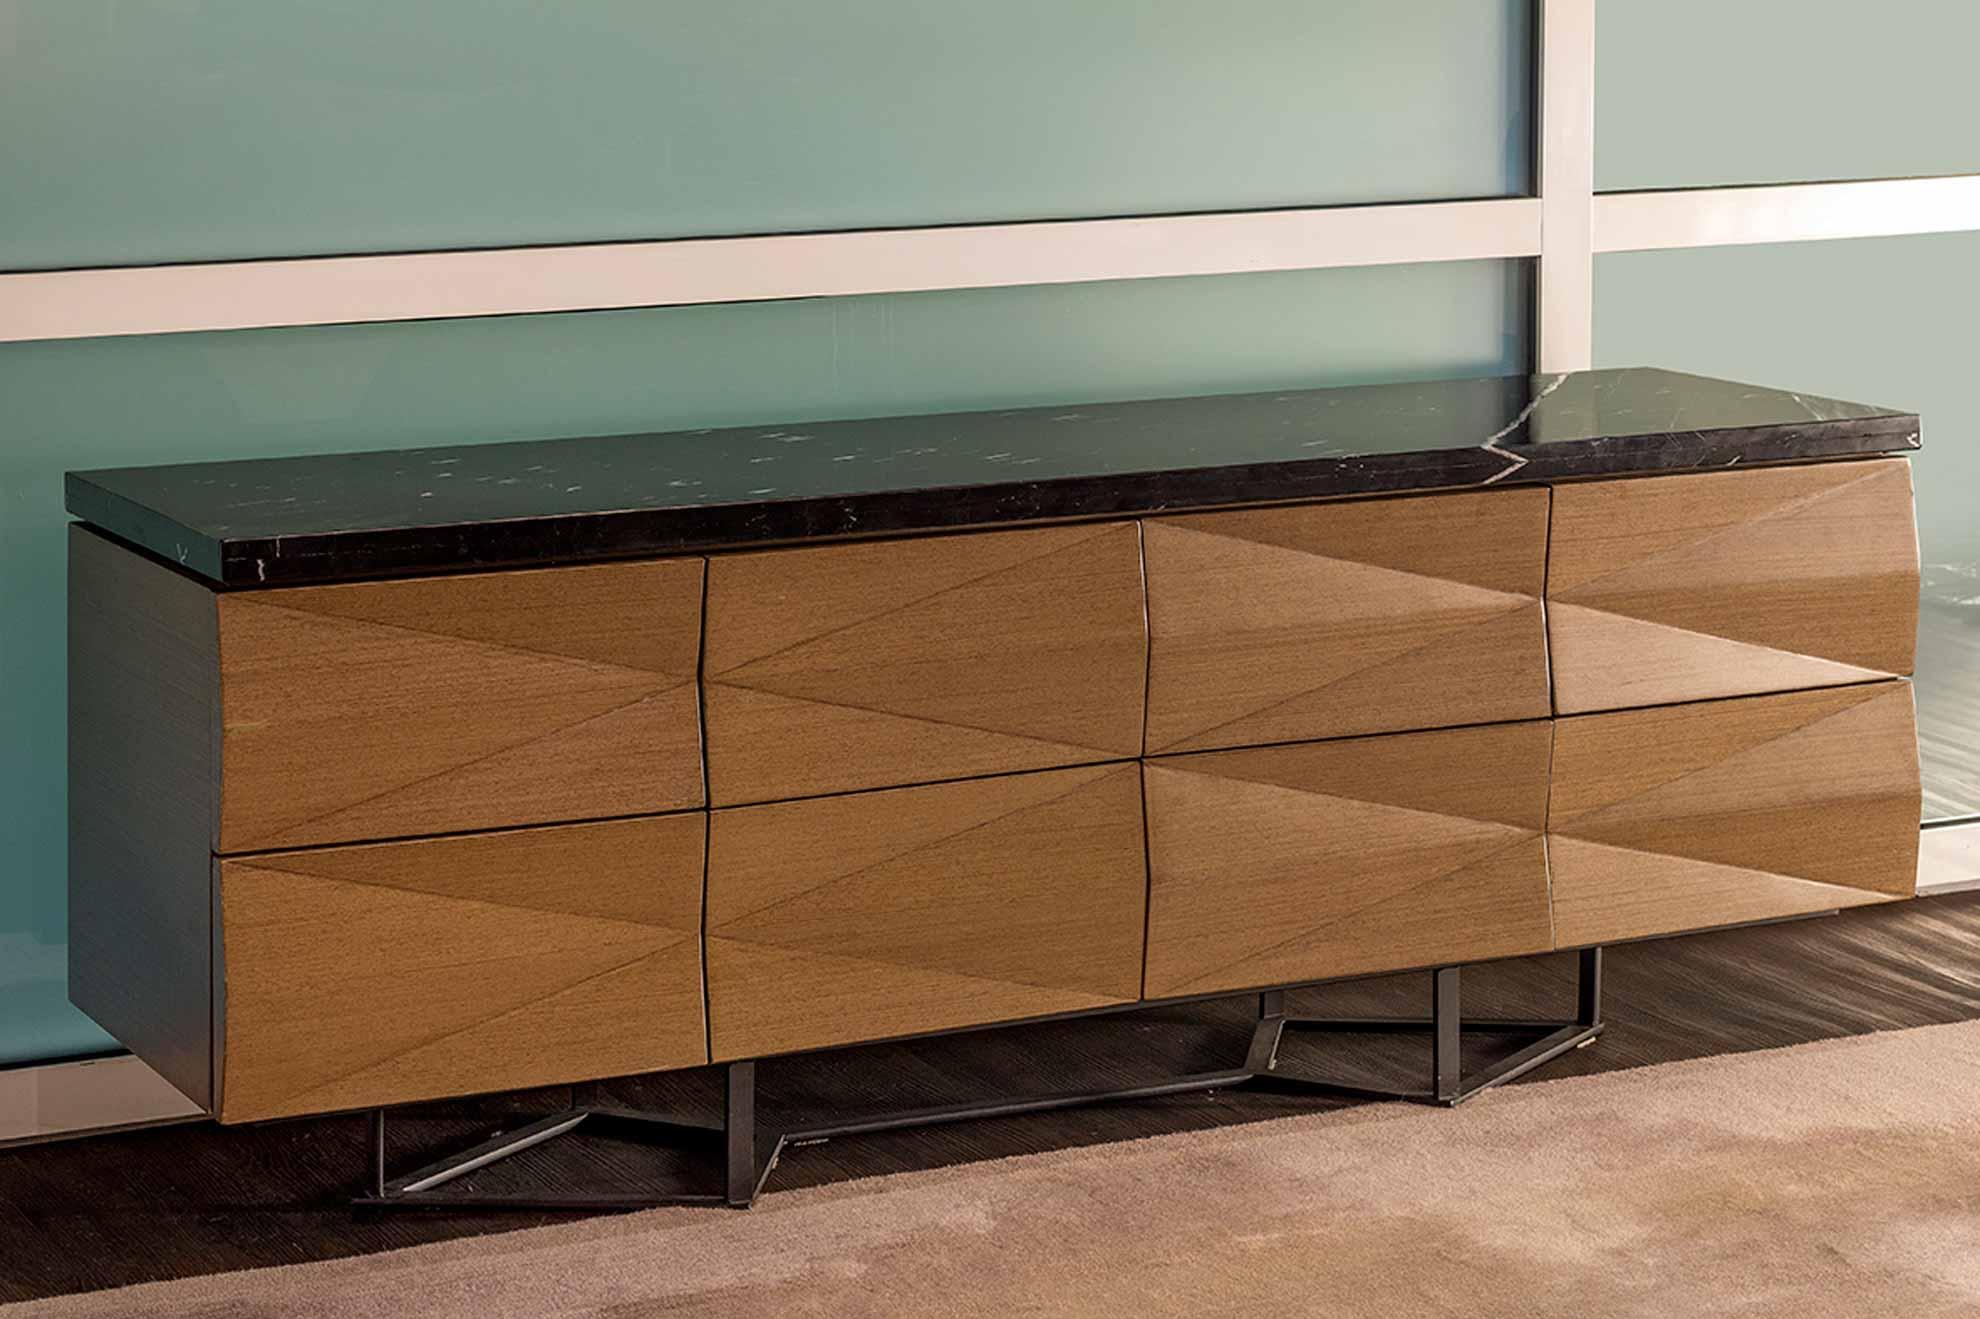 Credenza hecha con madera de nogal, detalle patrón geométrico, mármol y patas de acero cepillado, diseñado y creado por Depa 102